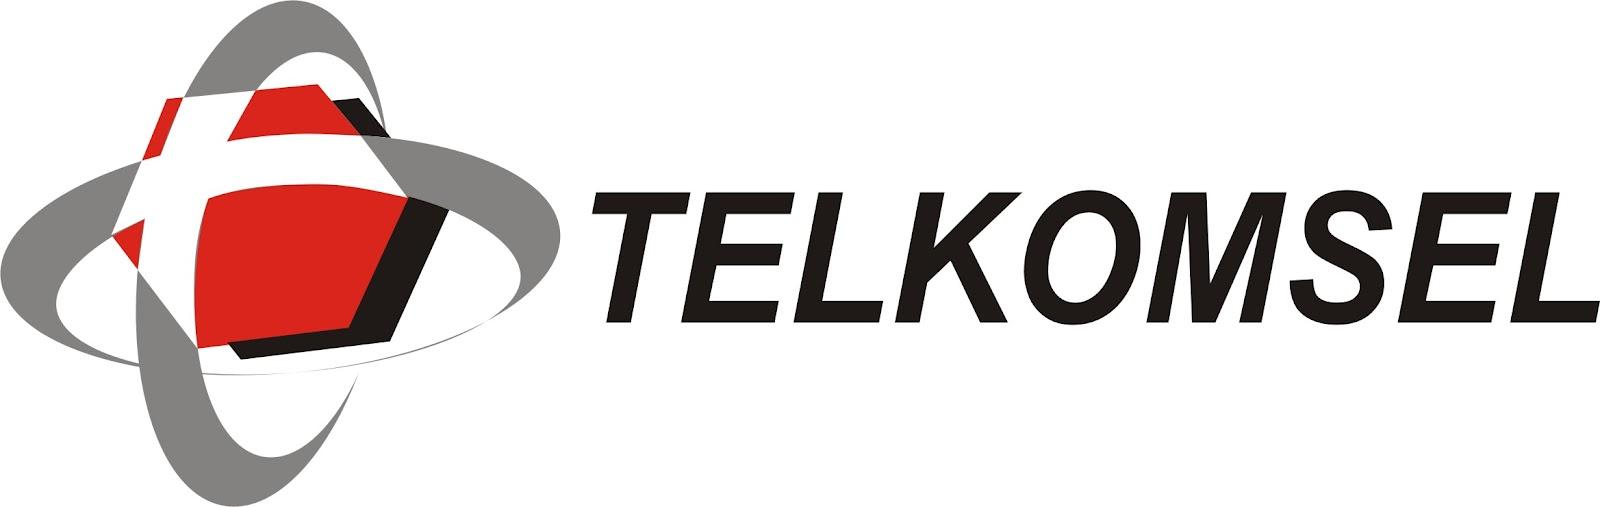 Trik Internet Gratis Telkomsel Terbaru 2014 dengan Bugs dan Proxy Baru ...